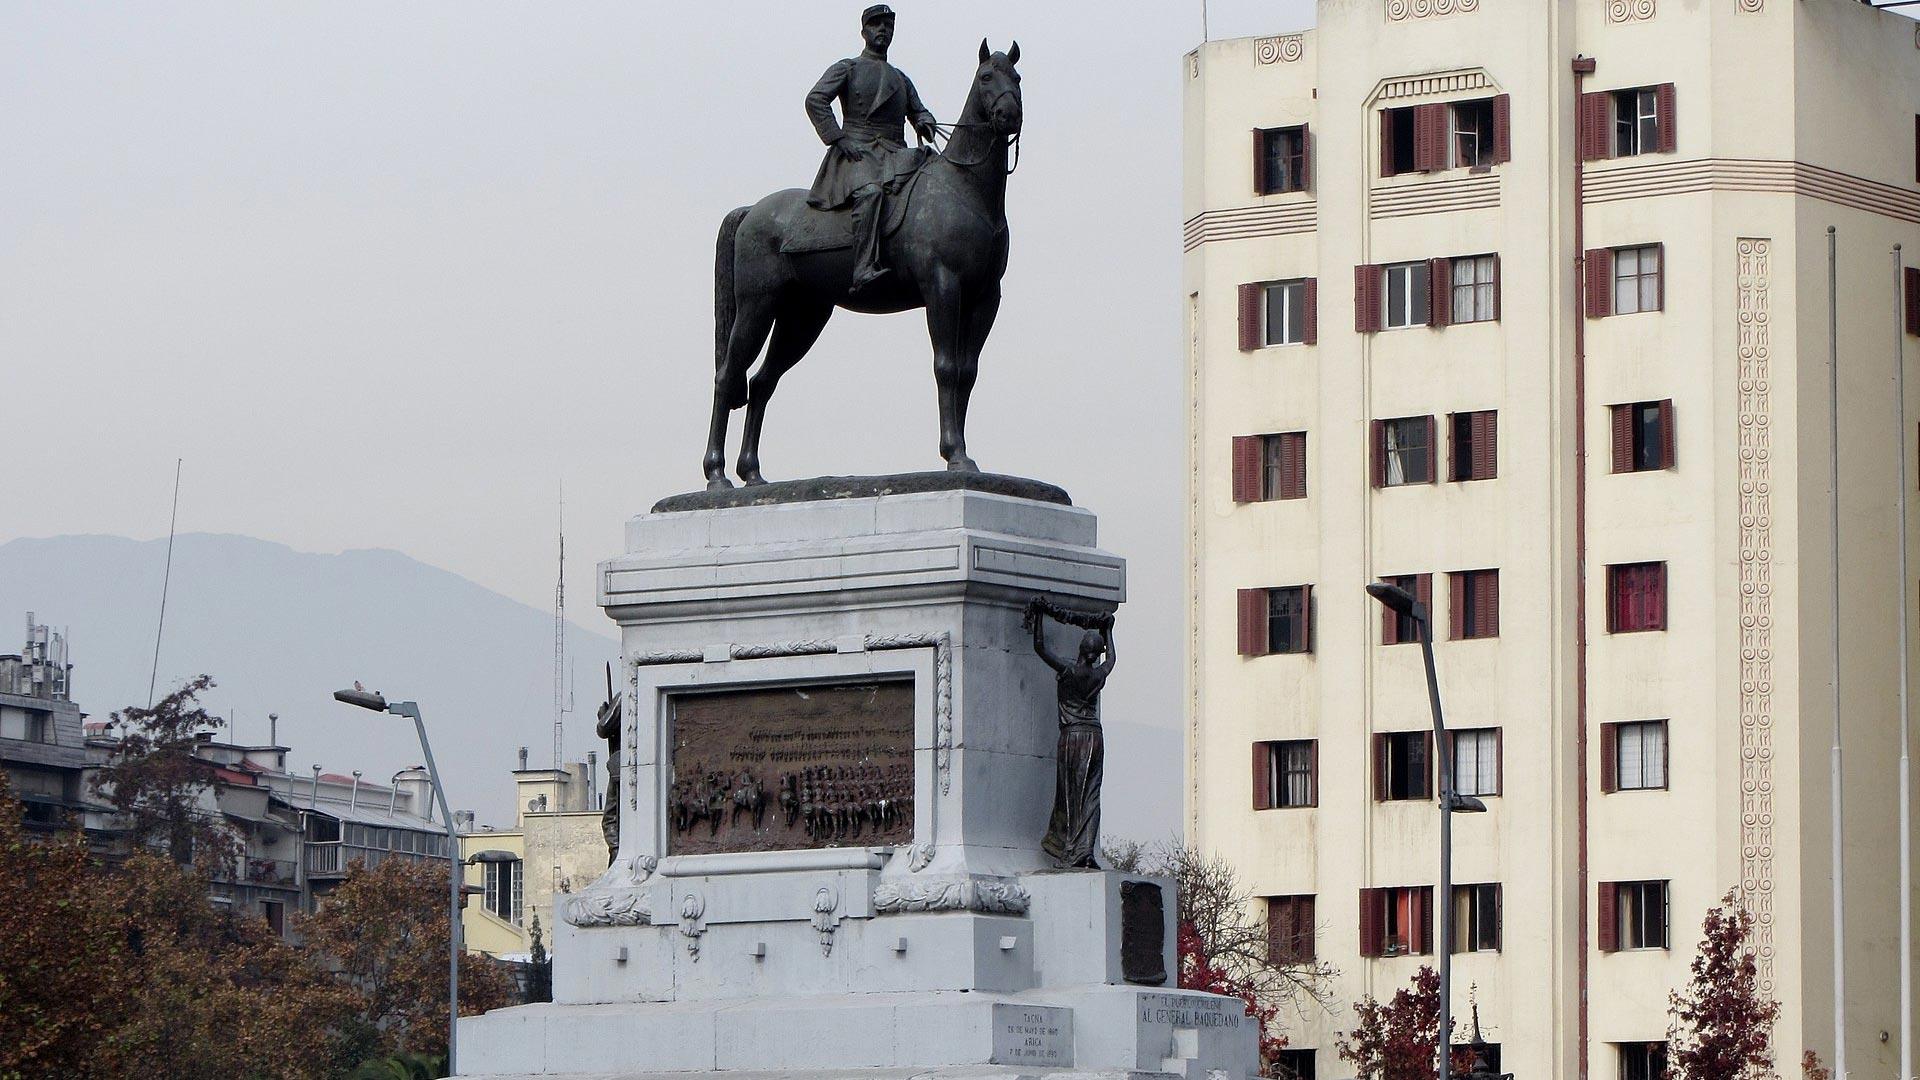 Consejo de Monumentos Nacionales retirará estatua de Baquedano